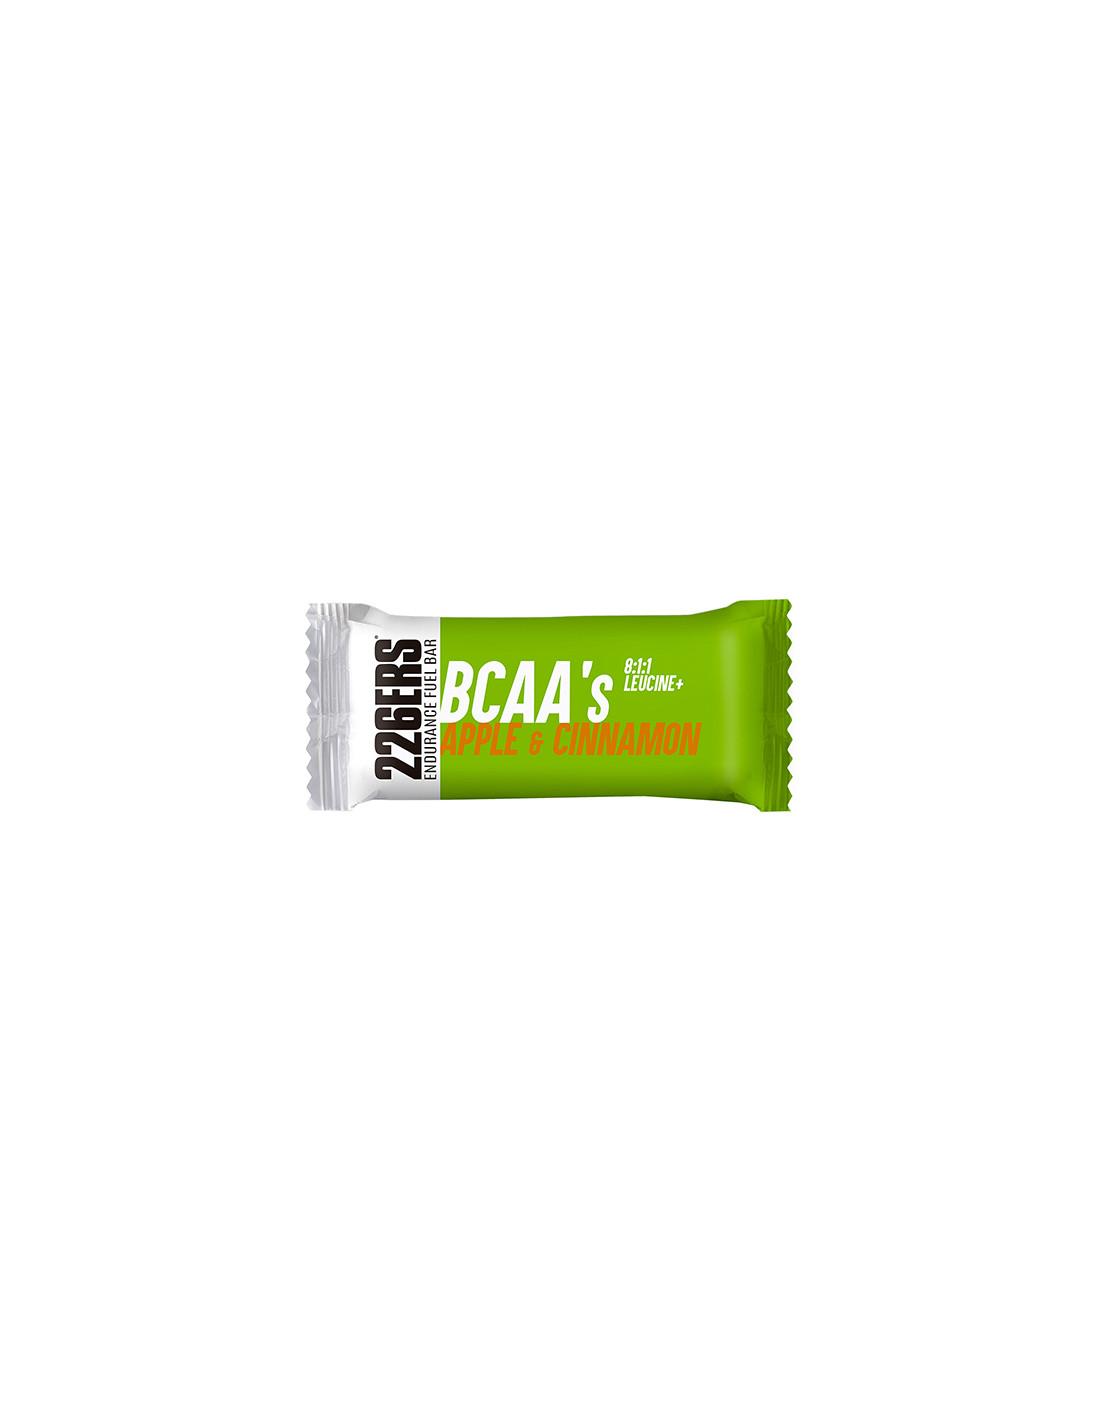 Endurance Fuel Bar BCAAs · Producto 226ERS · Nutrición y Suplementación · Kukimbia Shop - Tienda Online Deportiva